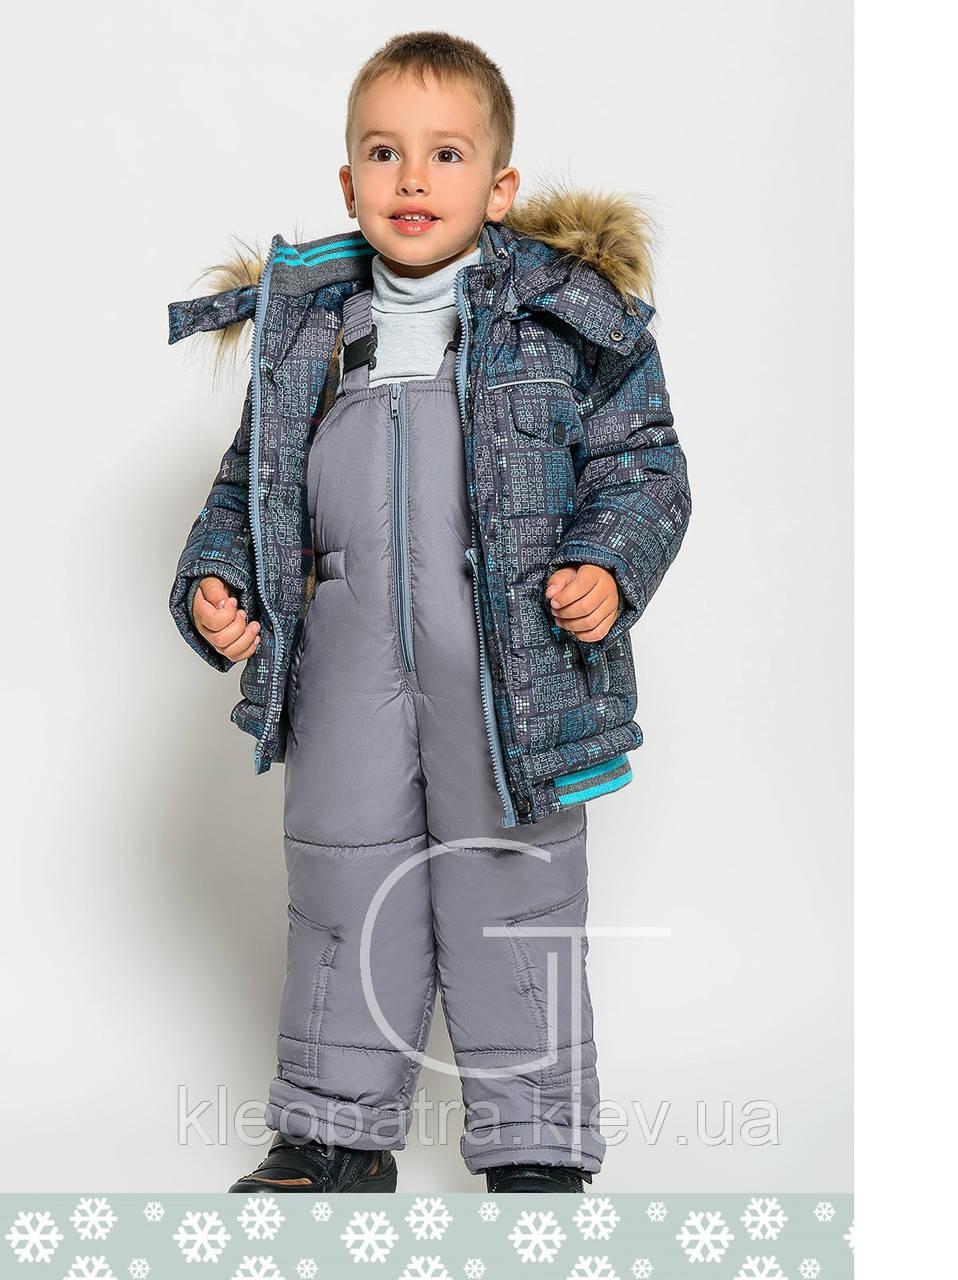 Комбинезон зимний для мальчика X-Woyz 8222, фото 1